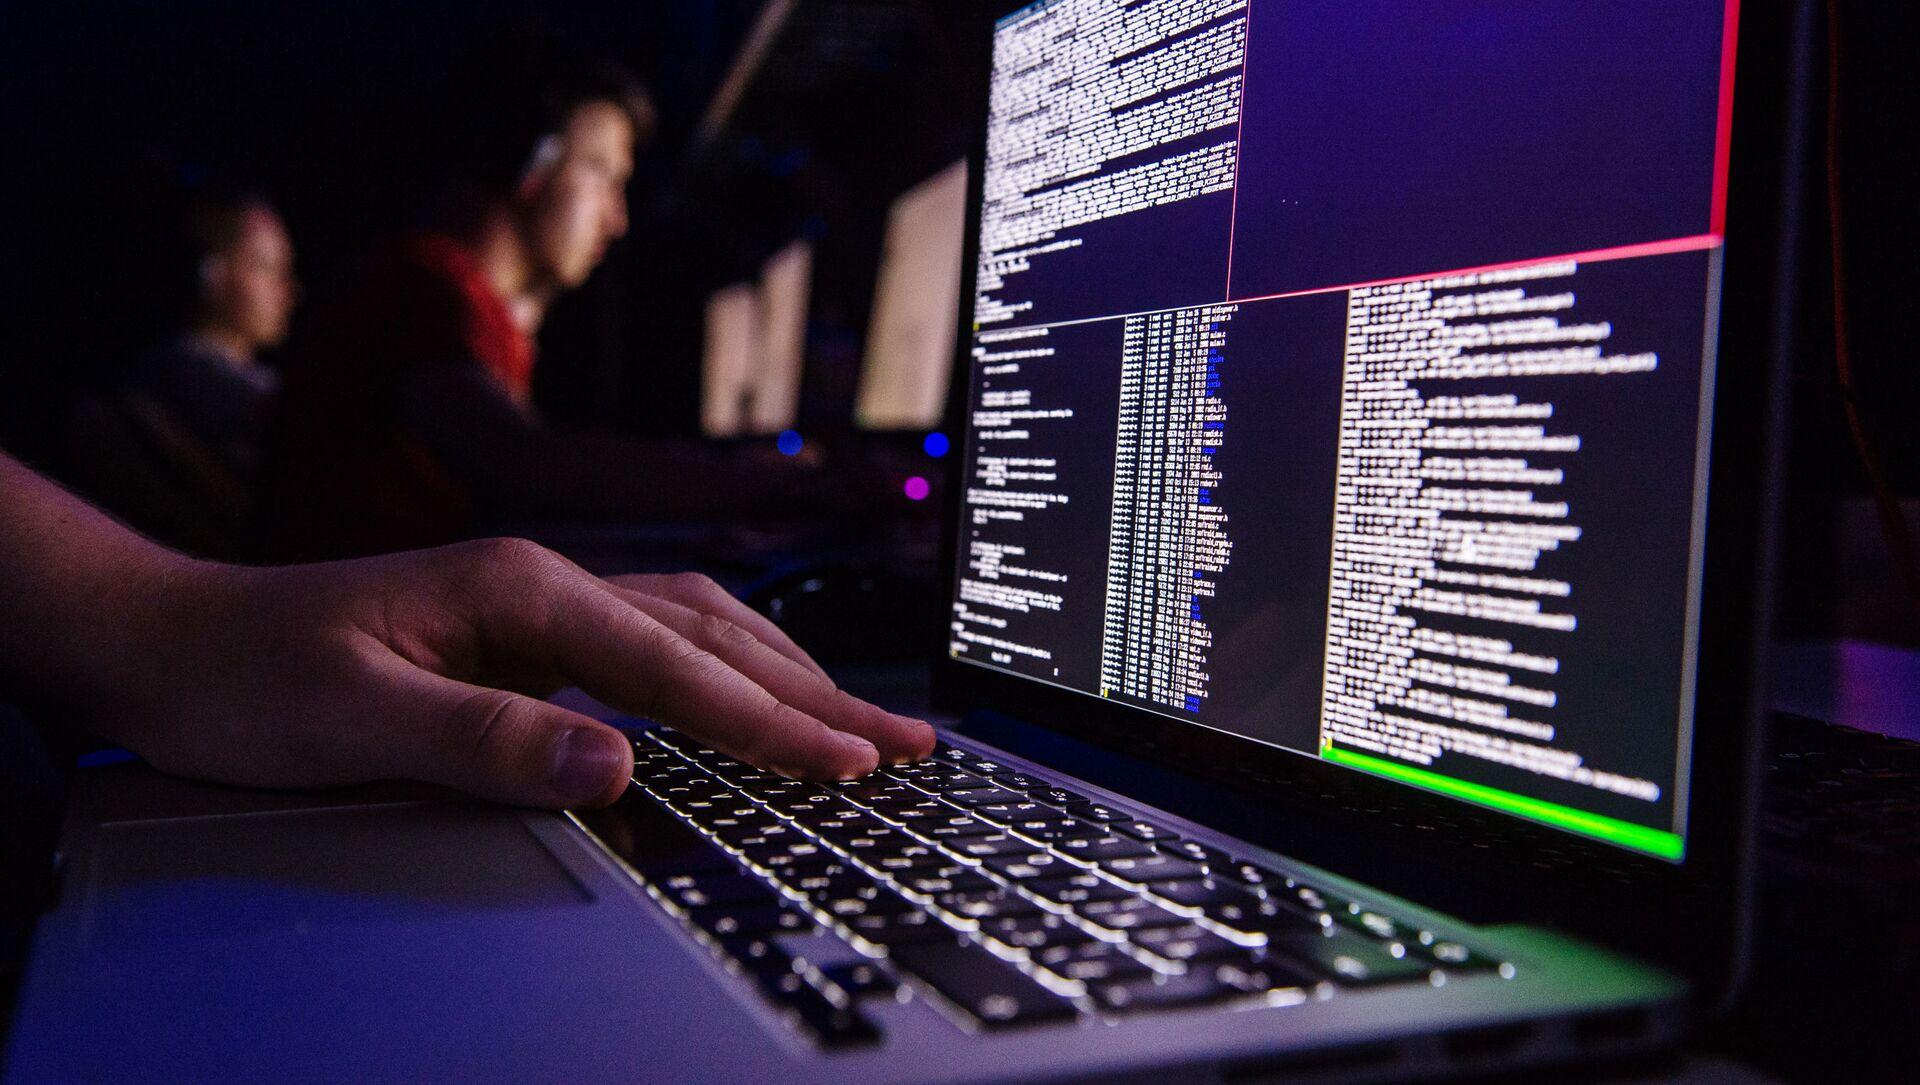 Вирус-вымогатель атаковал IT-системы компаний в разных странах - Sputnik Абхазия, 1920, 08.10.2021